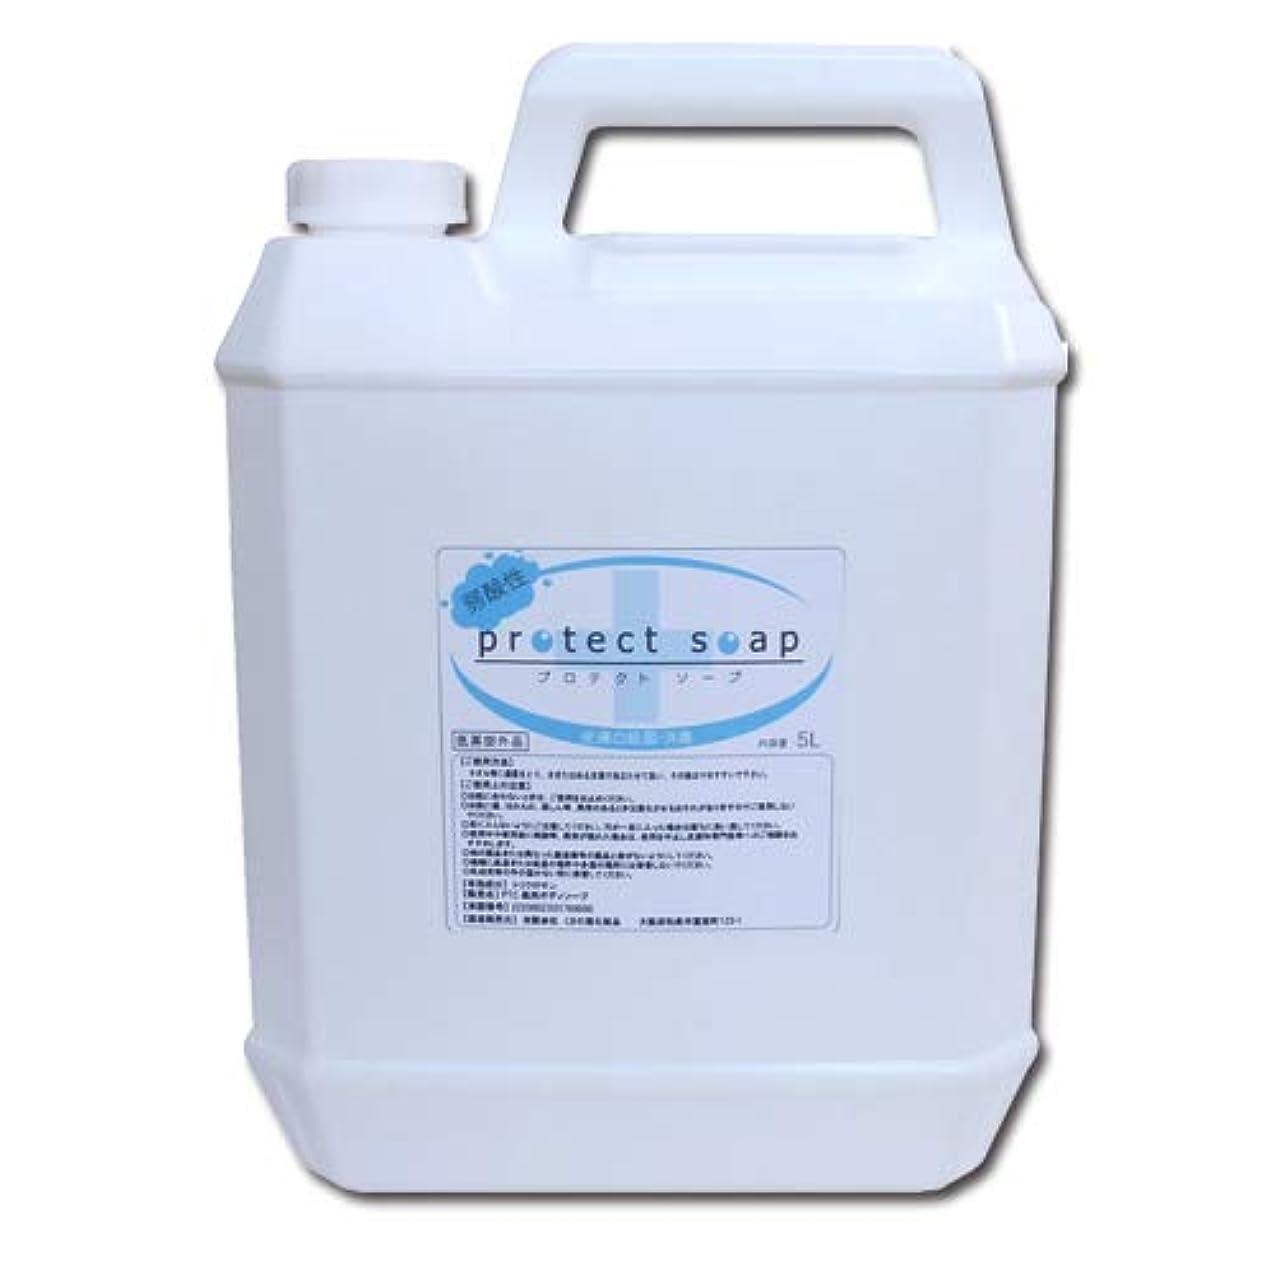 インサートキャプション盆地低刺激弱酸性 液体石鹸 プロテクトソープ 5L 業務用│せっけん液 液体せっけん 殺菌?消毒 インフルエンザ?ノロウィルス対策